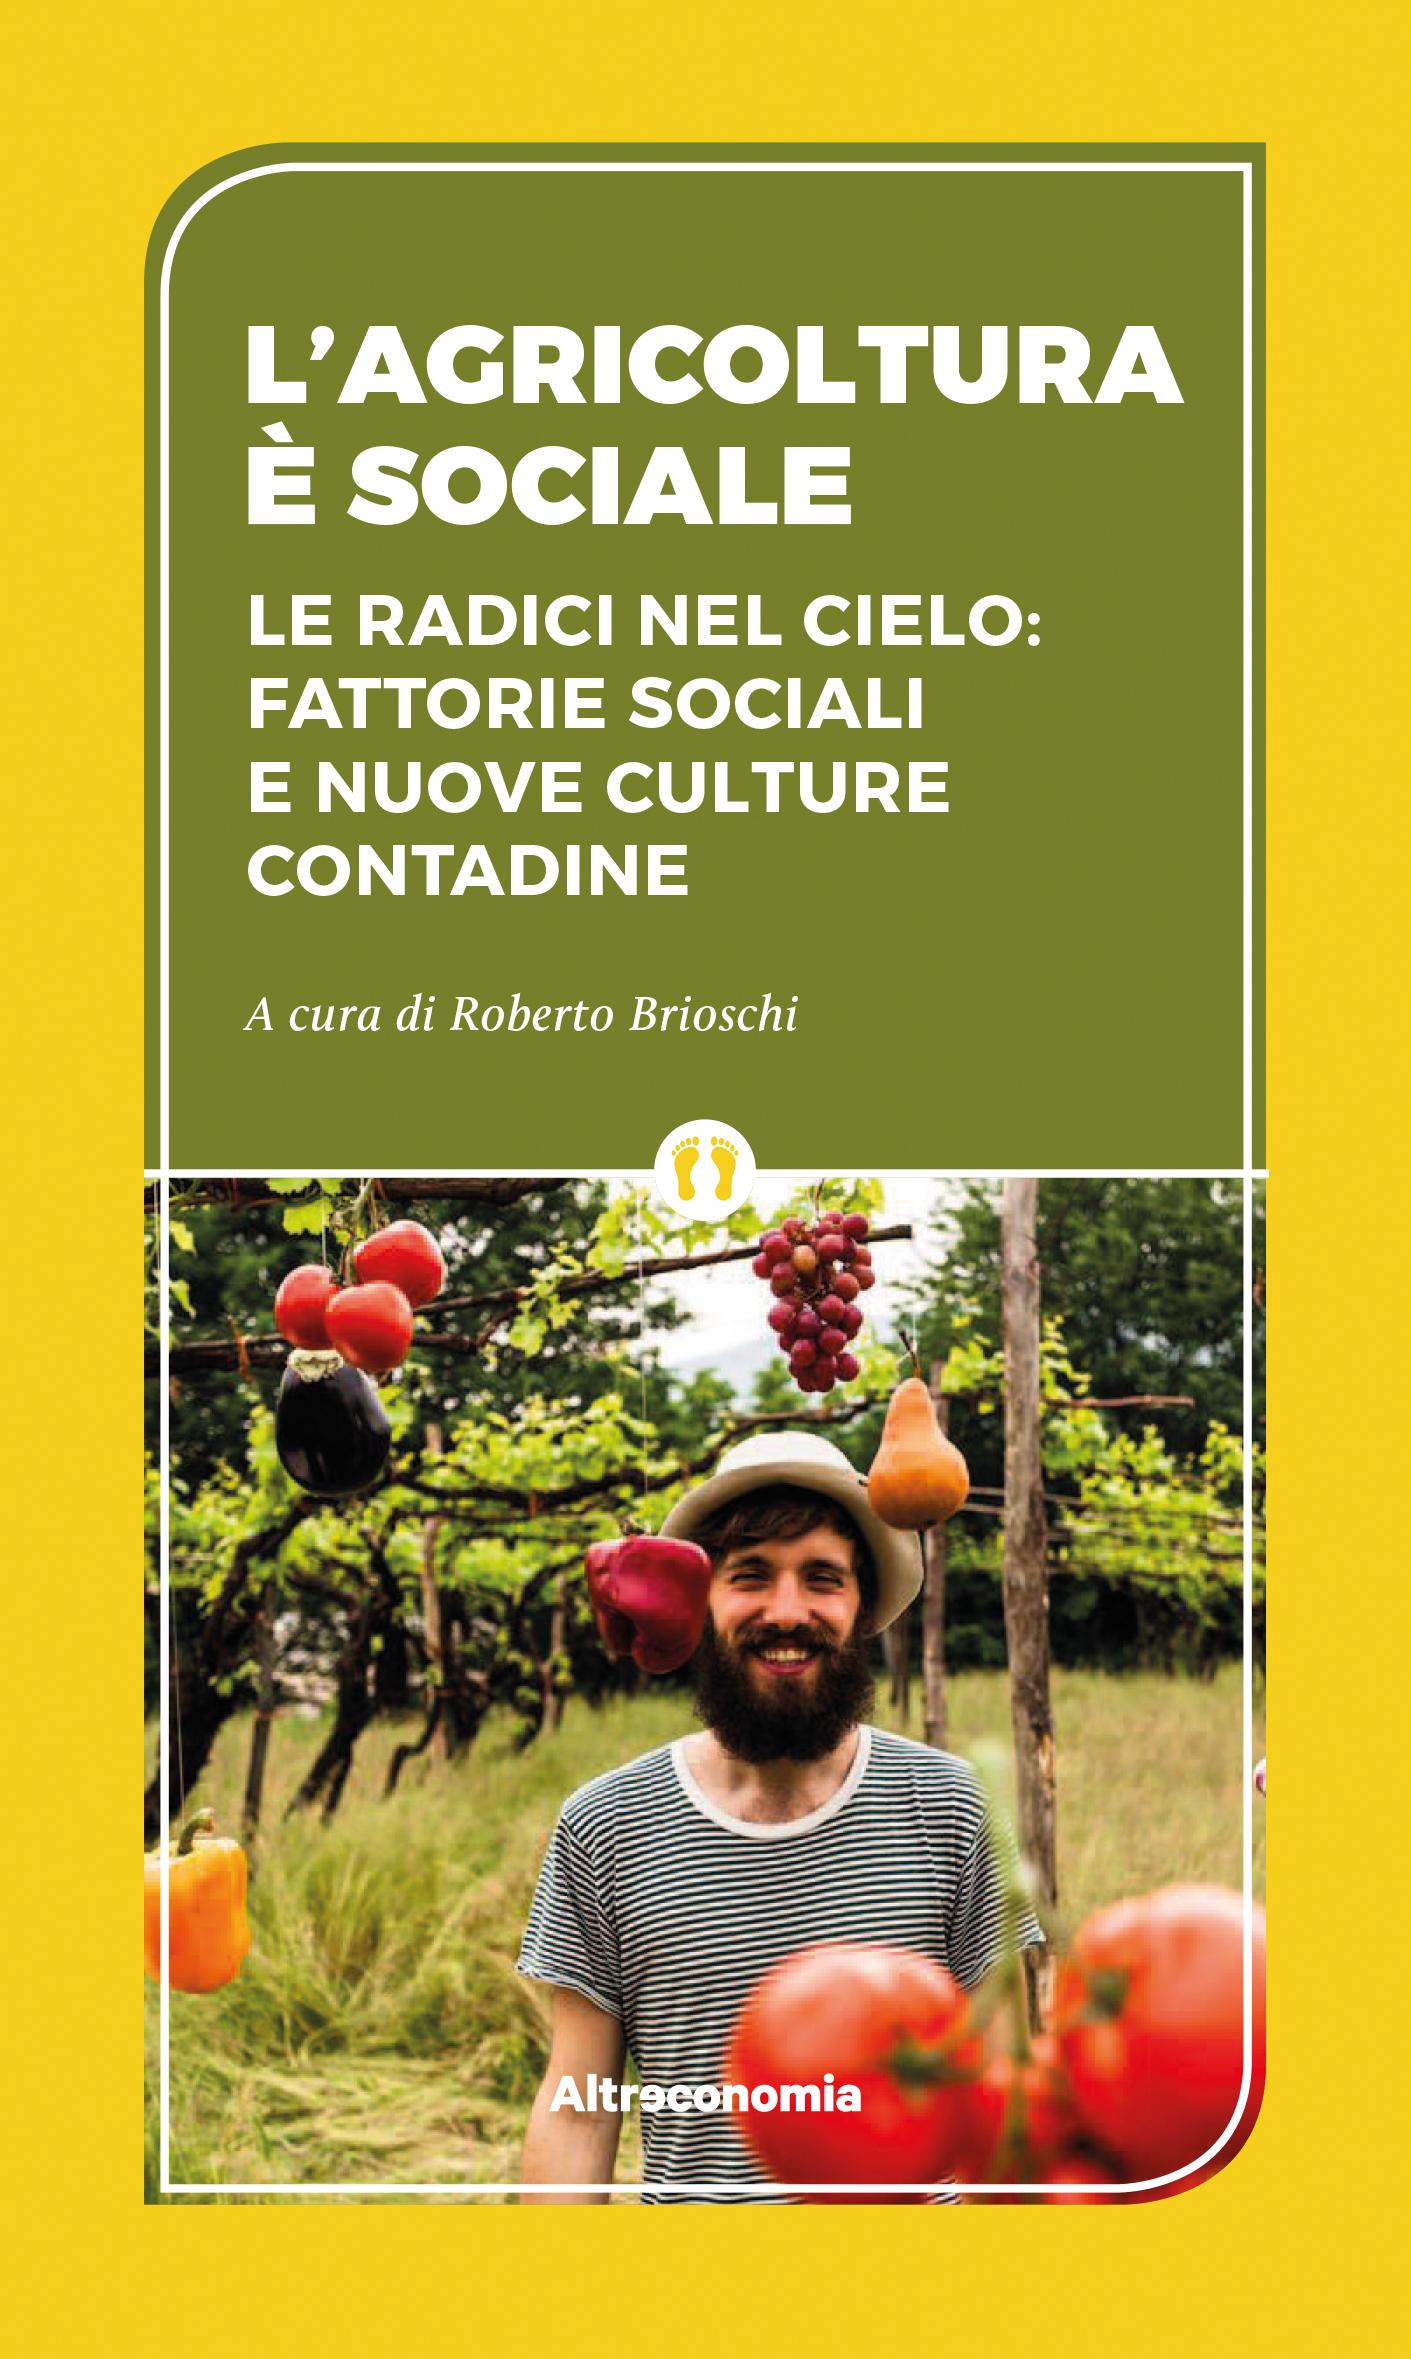 Calendario Contadine Italiane.Fattorie Sociali In Italia Sono Circa 3 Mila E Danno Lavoro